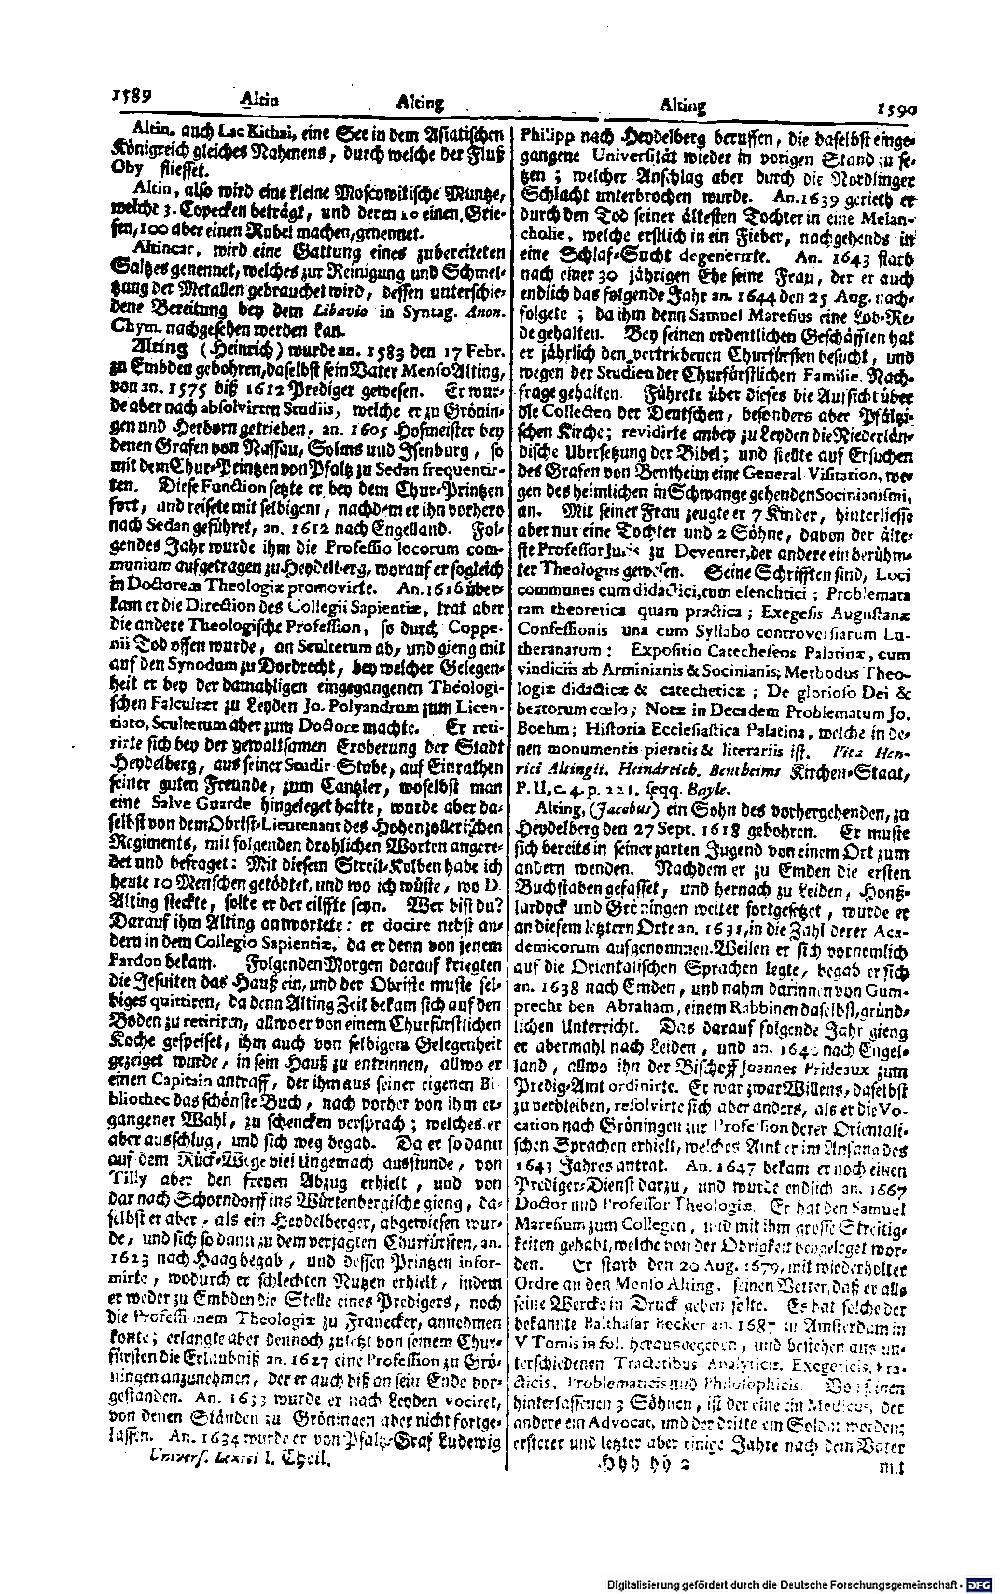 Bd. 01, Seite 0786.